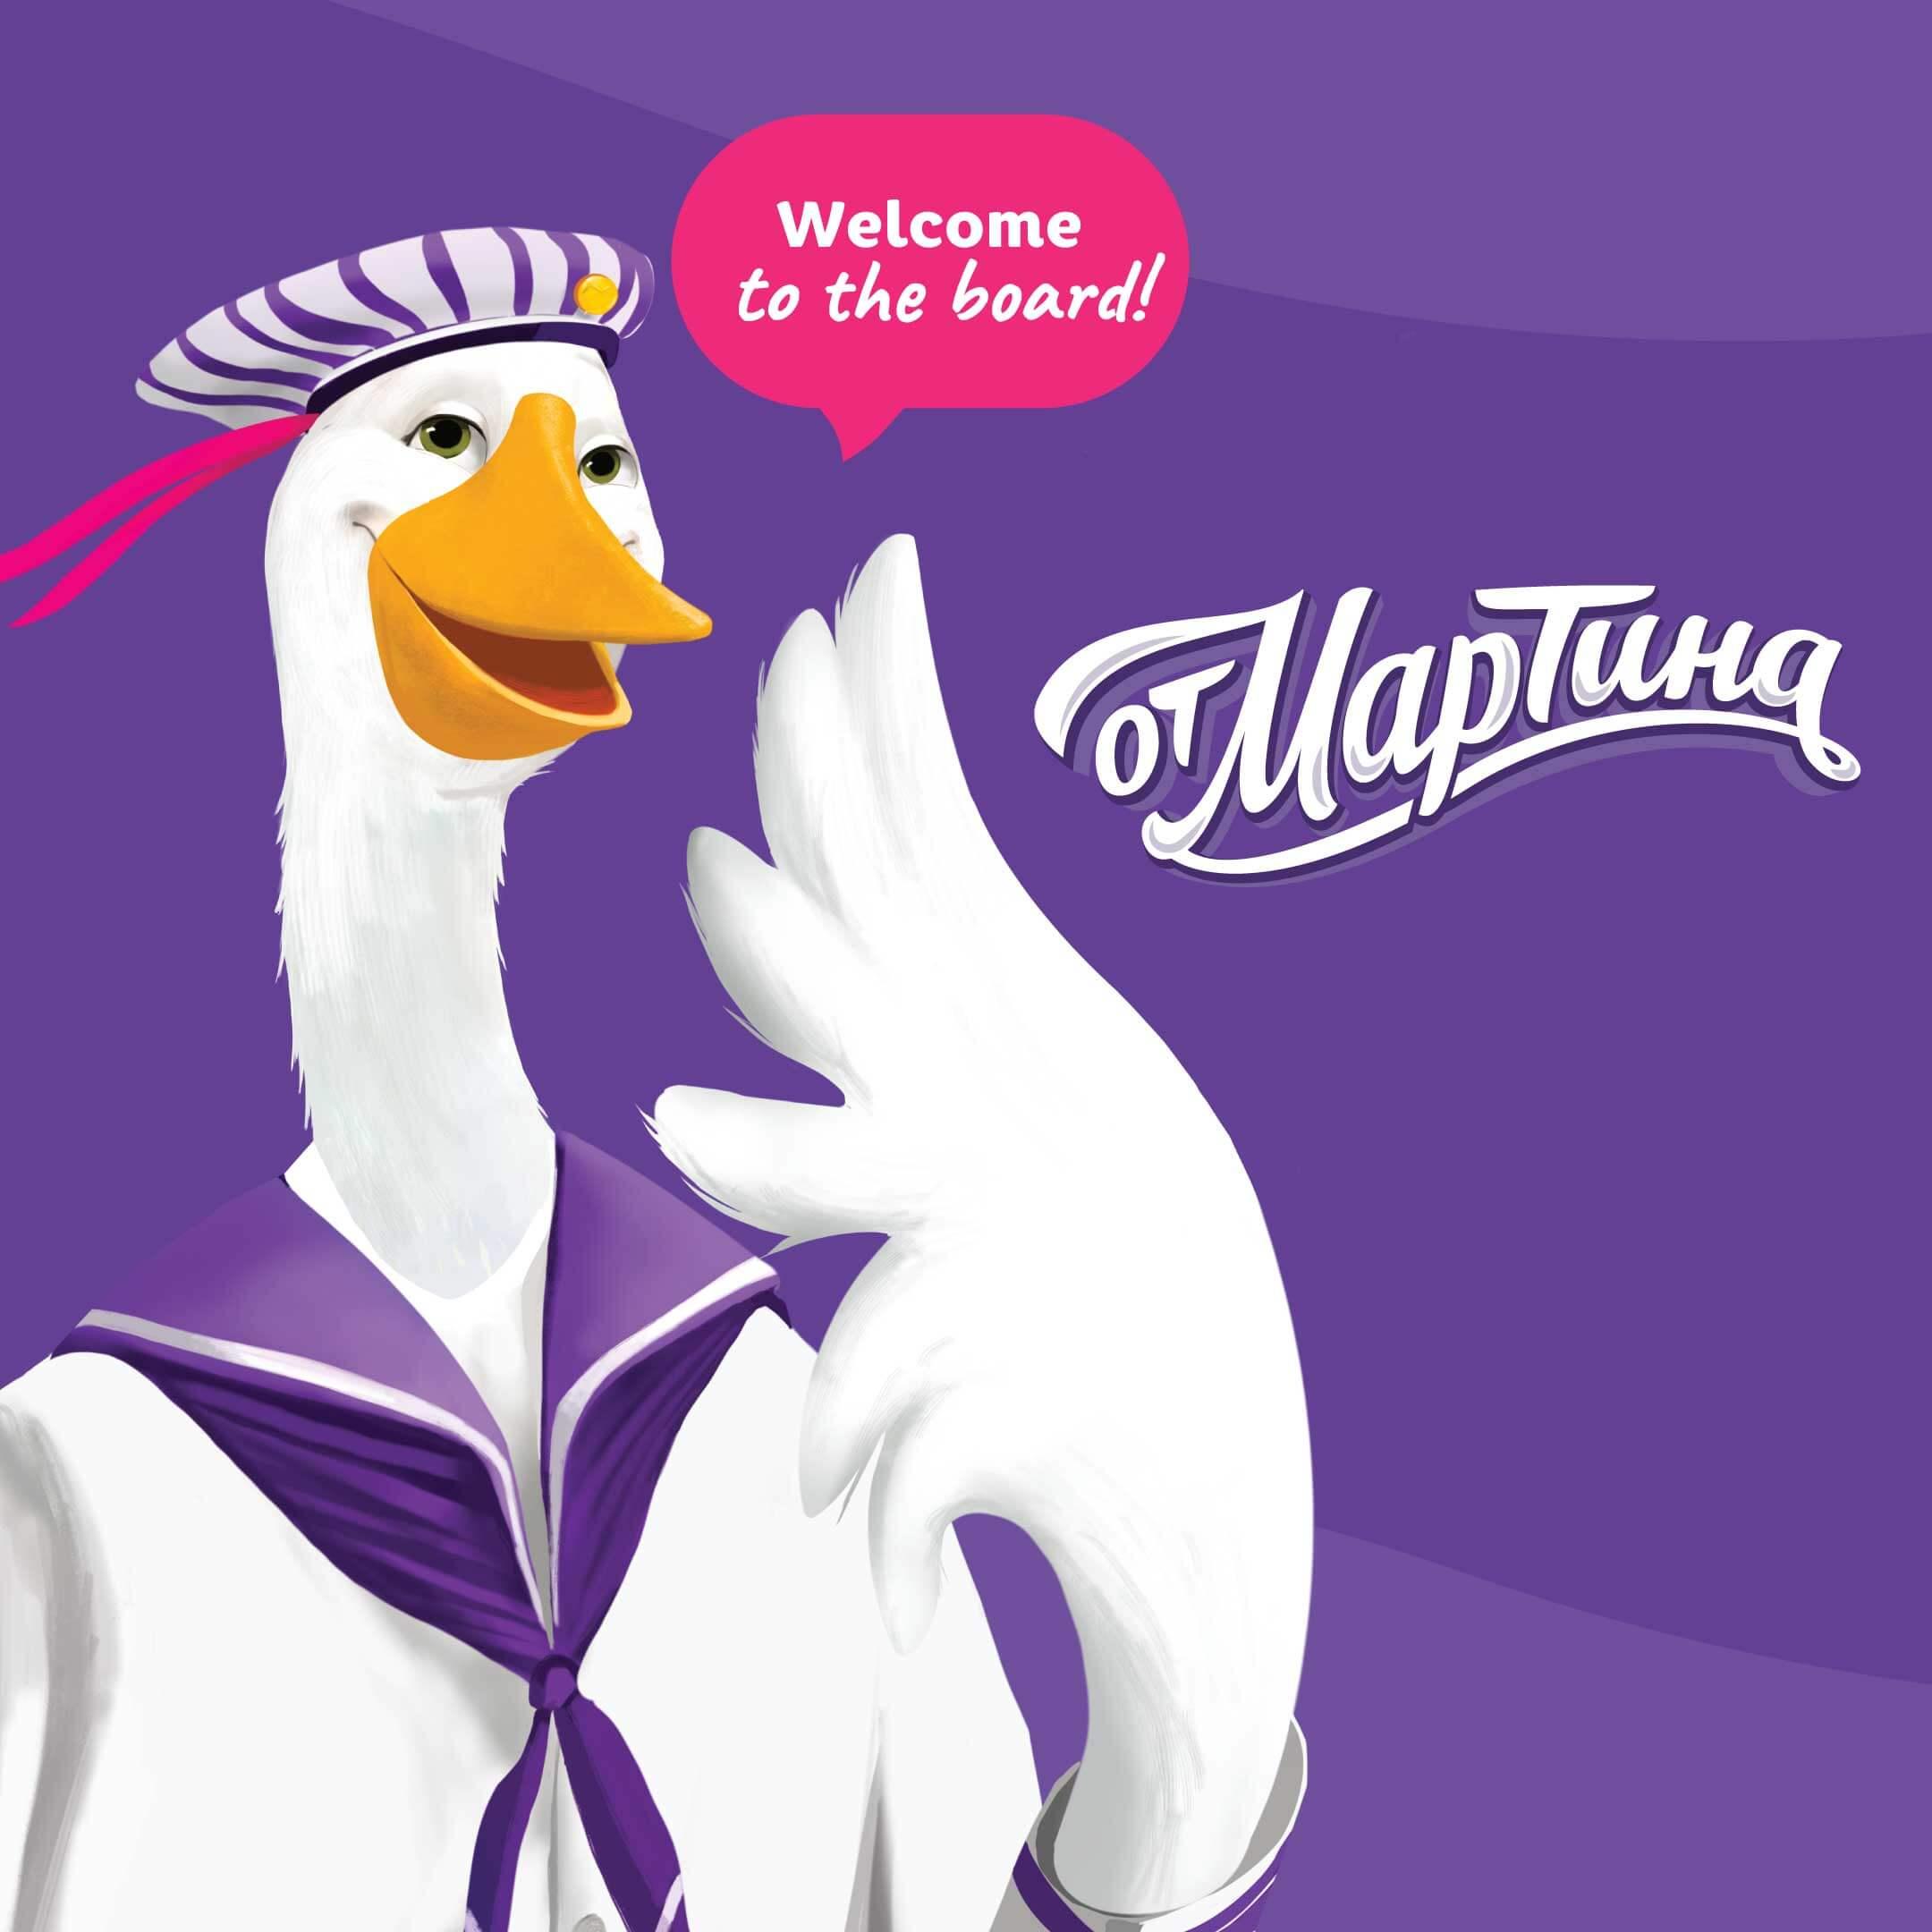 Ot Martina ice cream Packaging